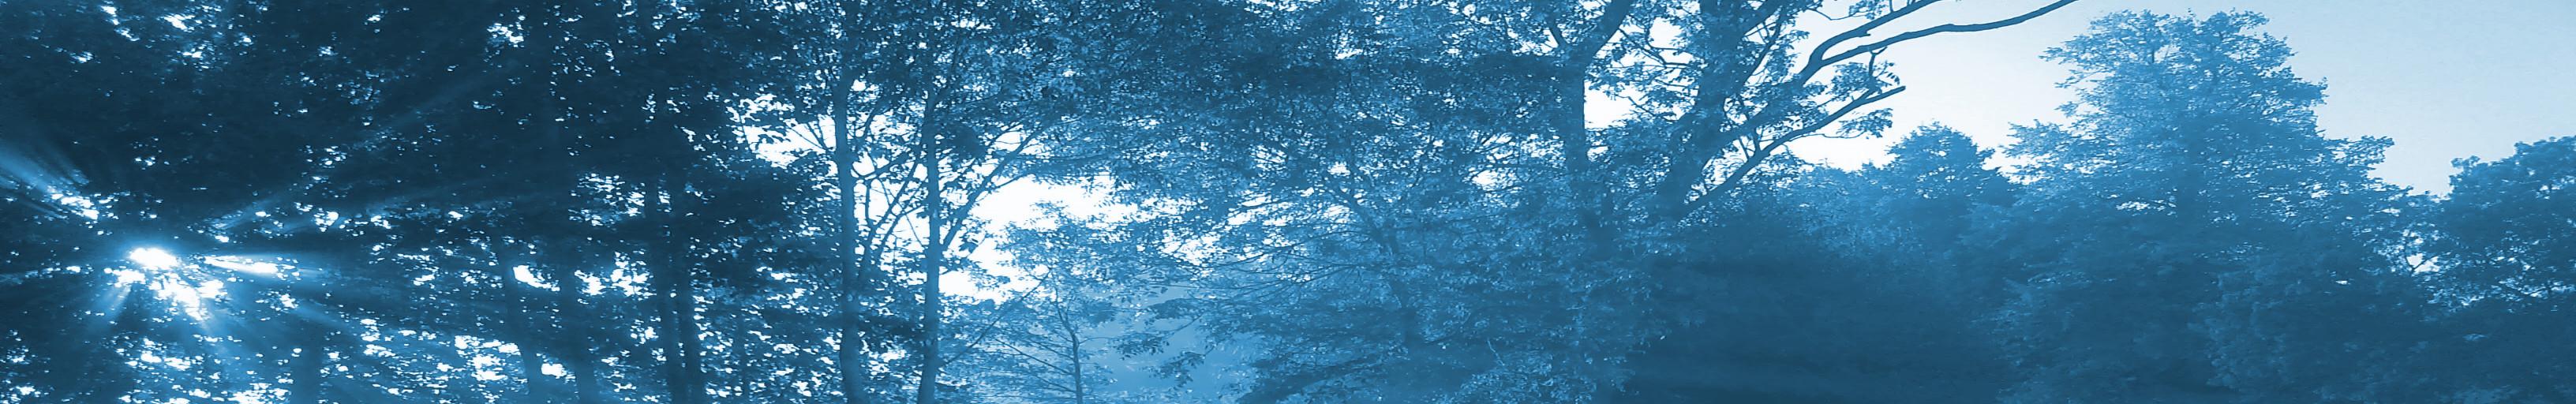 sun peeking through treetops